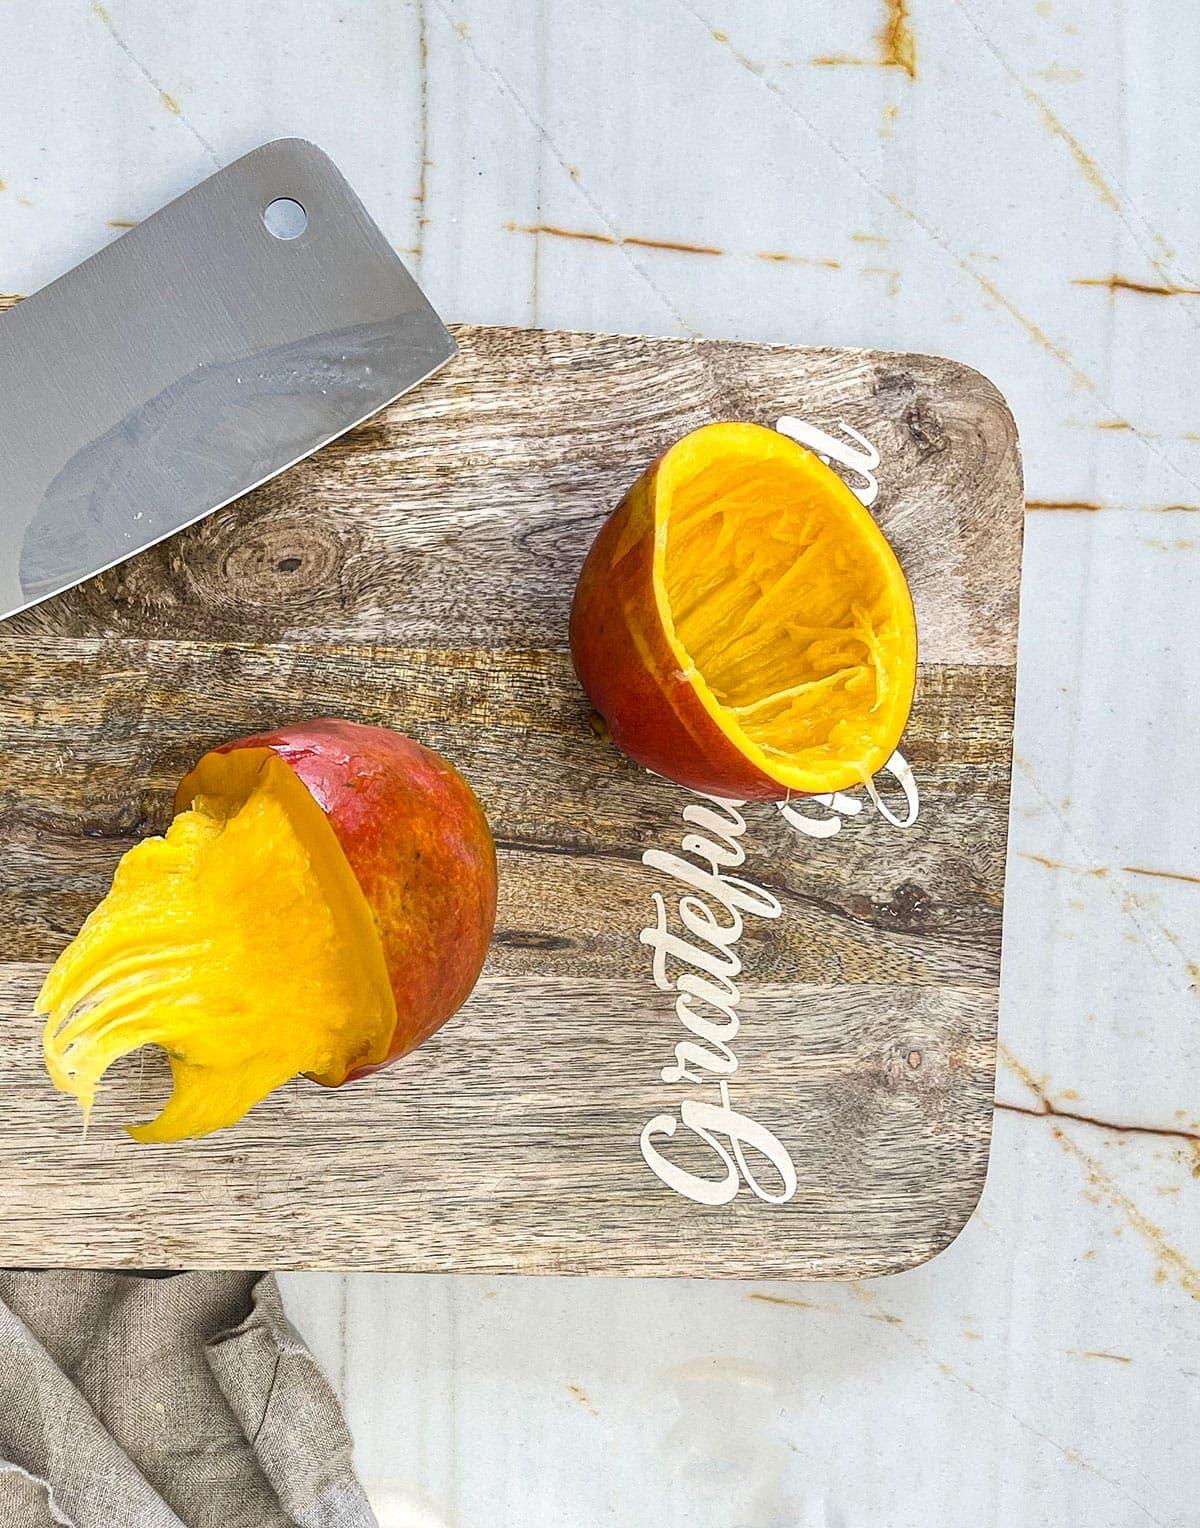 mango cut in half in a circle